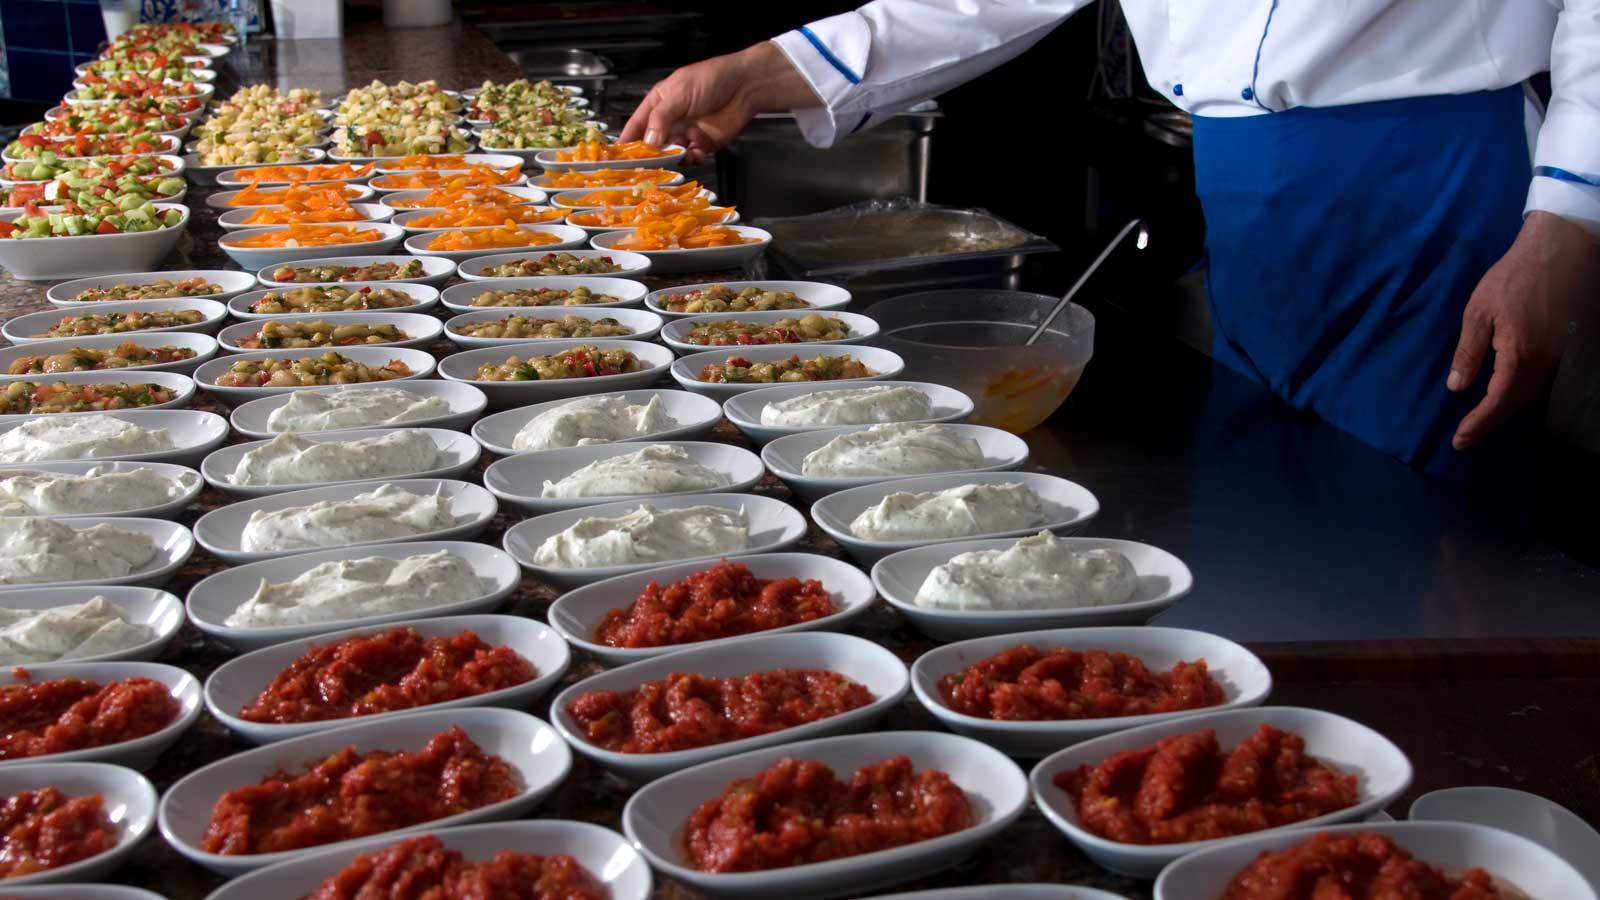 Toplu Yemek Firmaları (Catering)